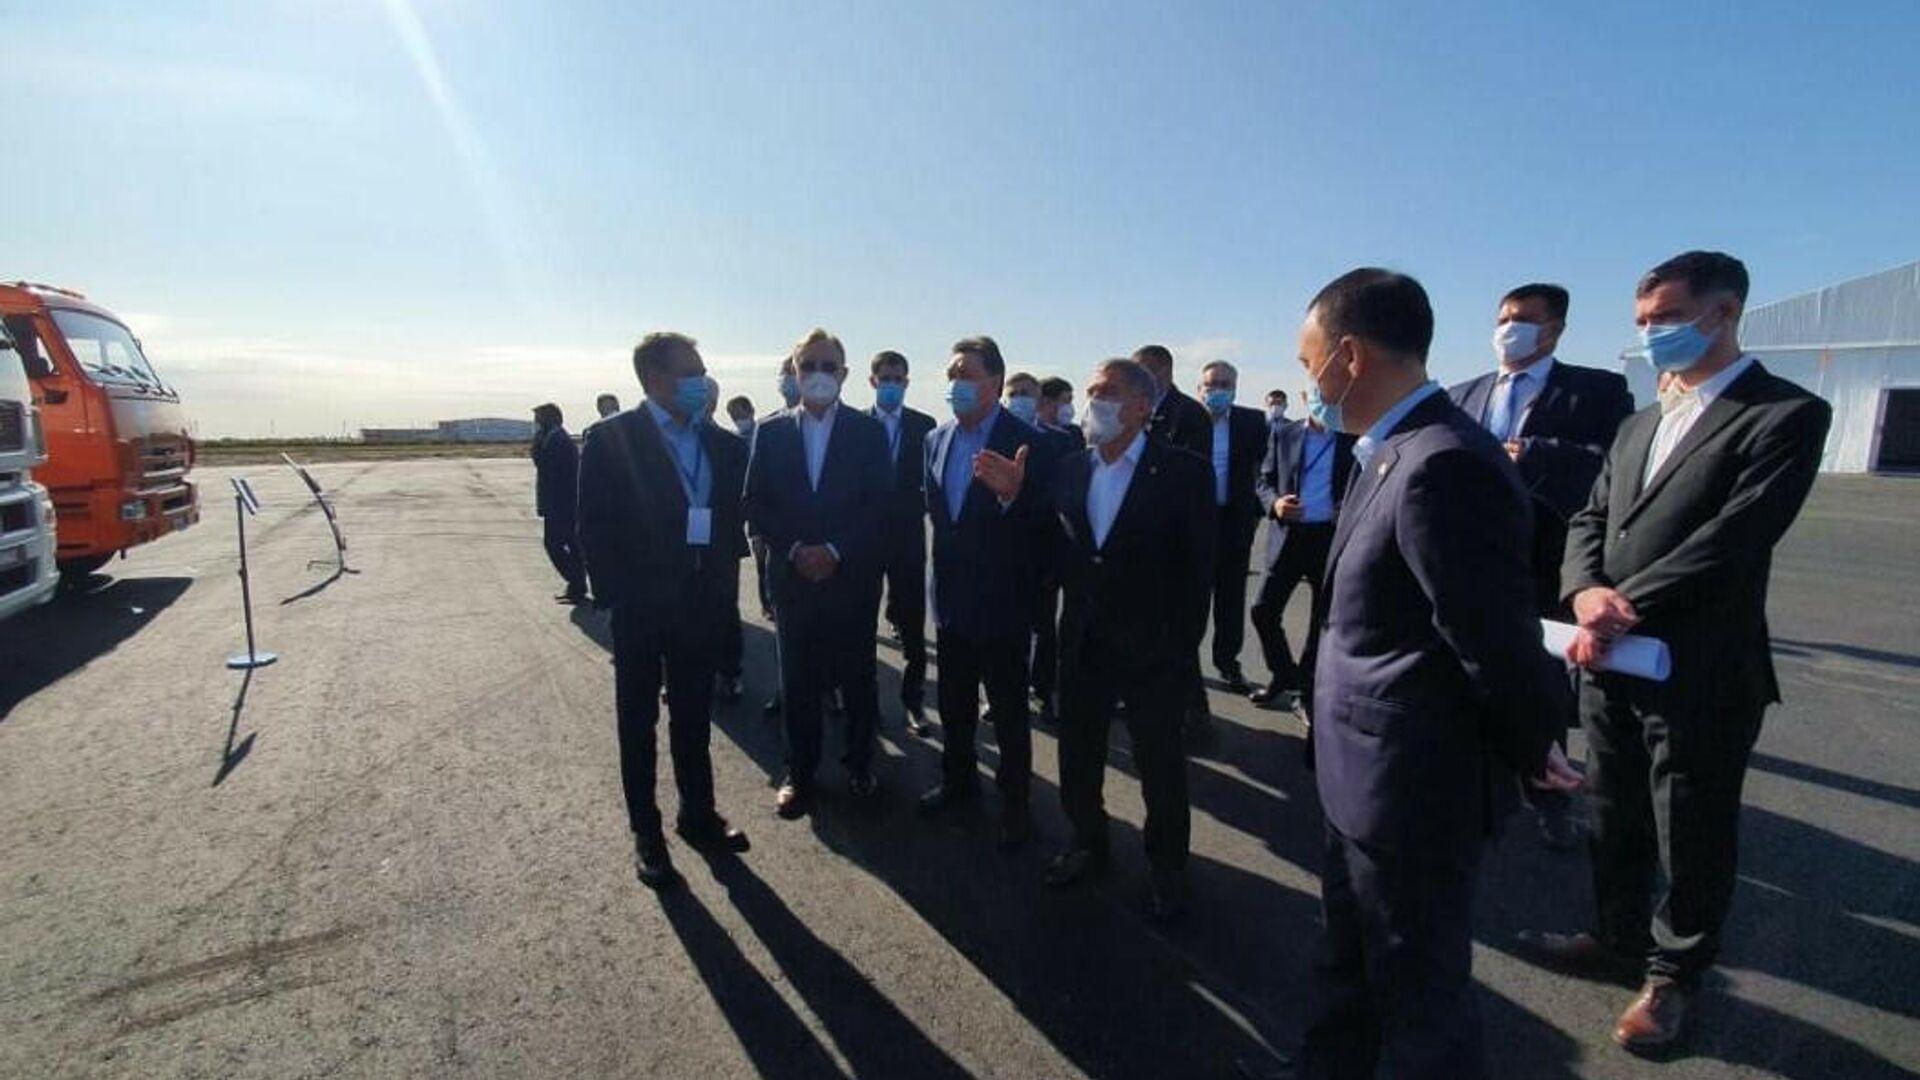 """1577840010 0:3:1053:595 1920x0 80 0 0 a4f389734fabec220540ffac63534004 - В Казахстане начали строительство завода для техники """"КамАЗ"""""""